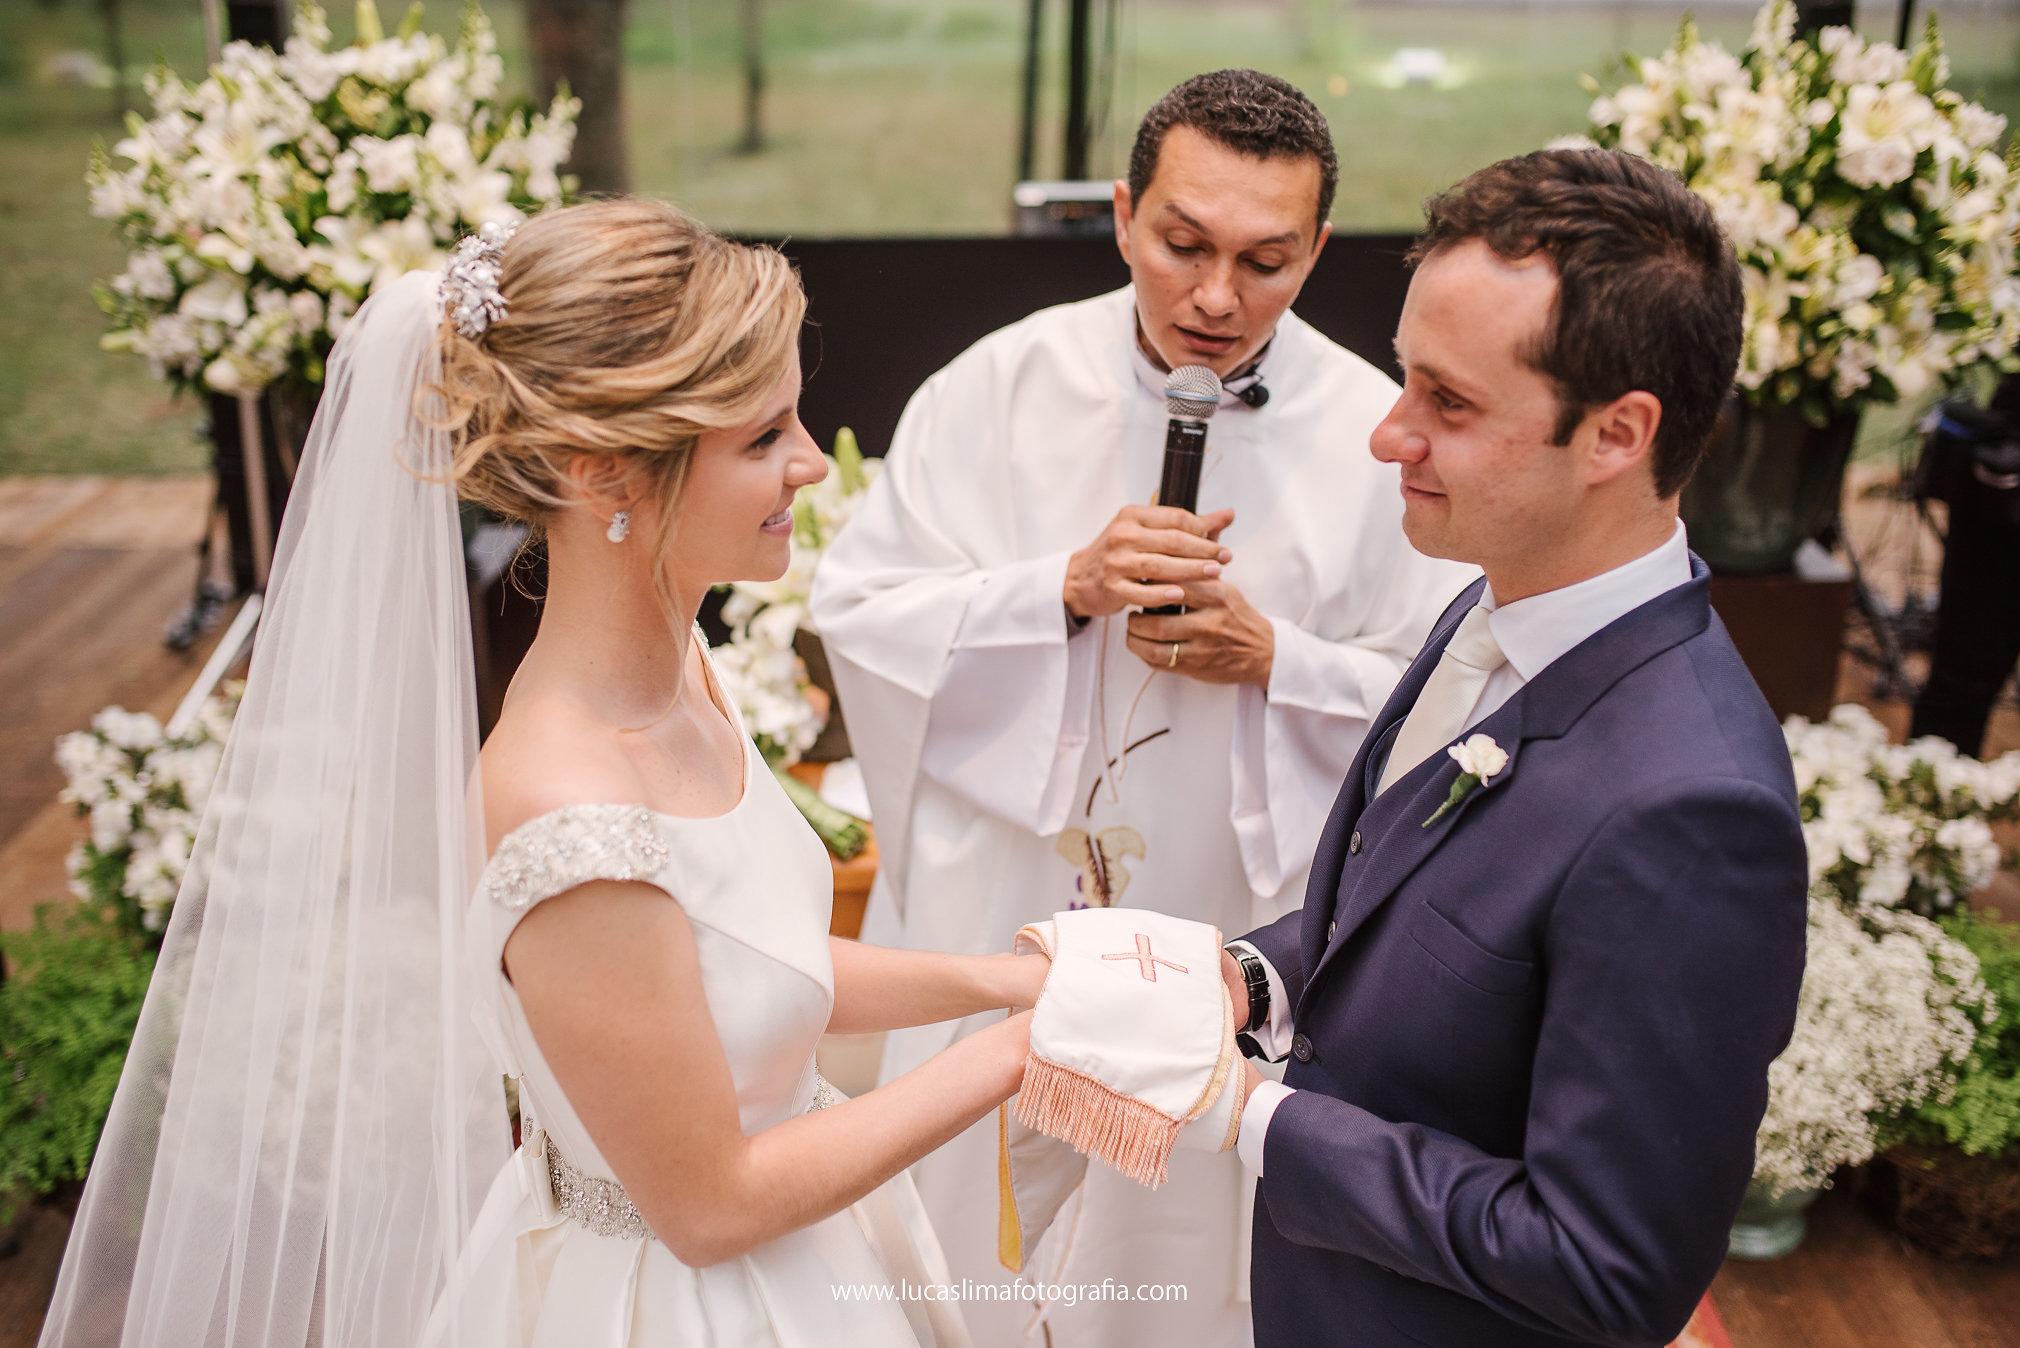 casamento-flavia-e-thomas-lucaslimafotografia-131